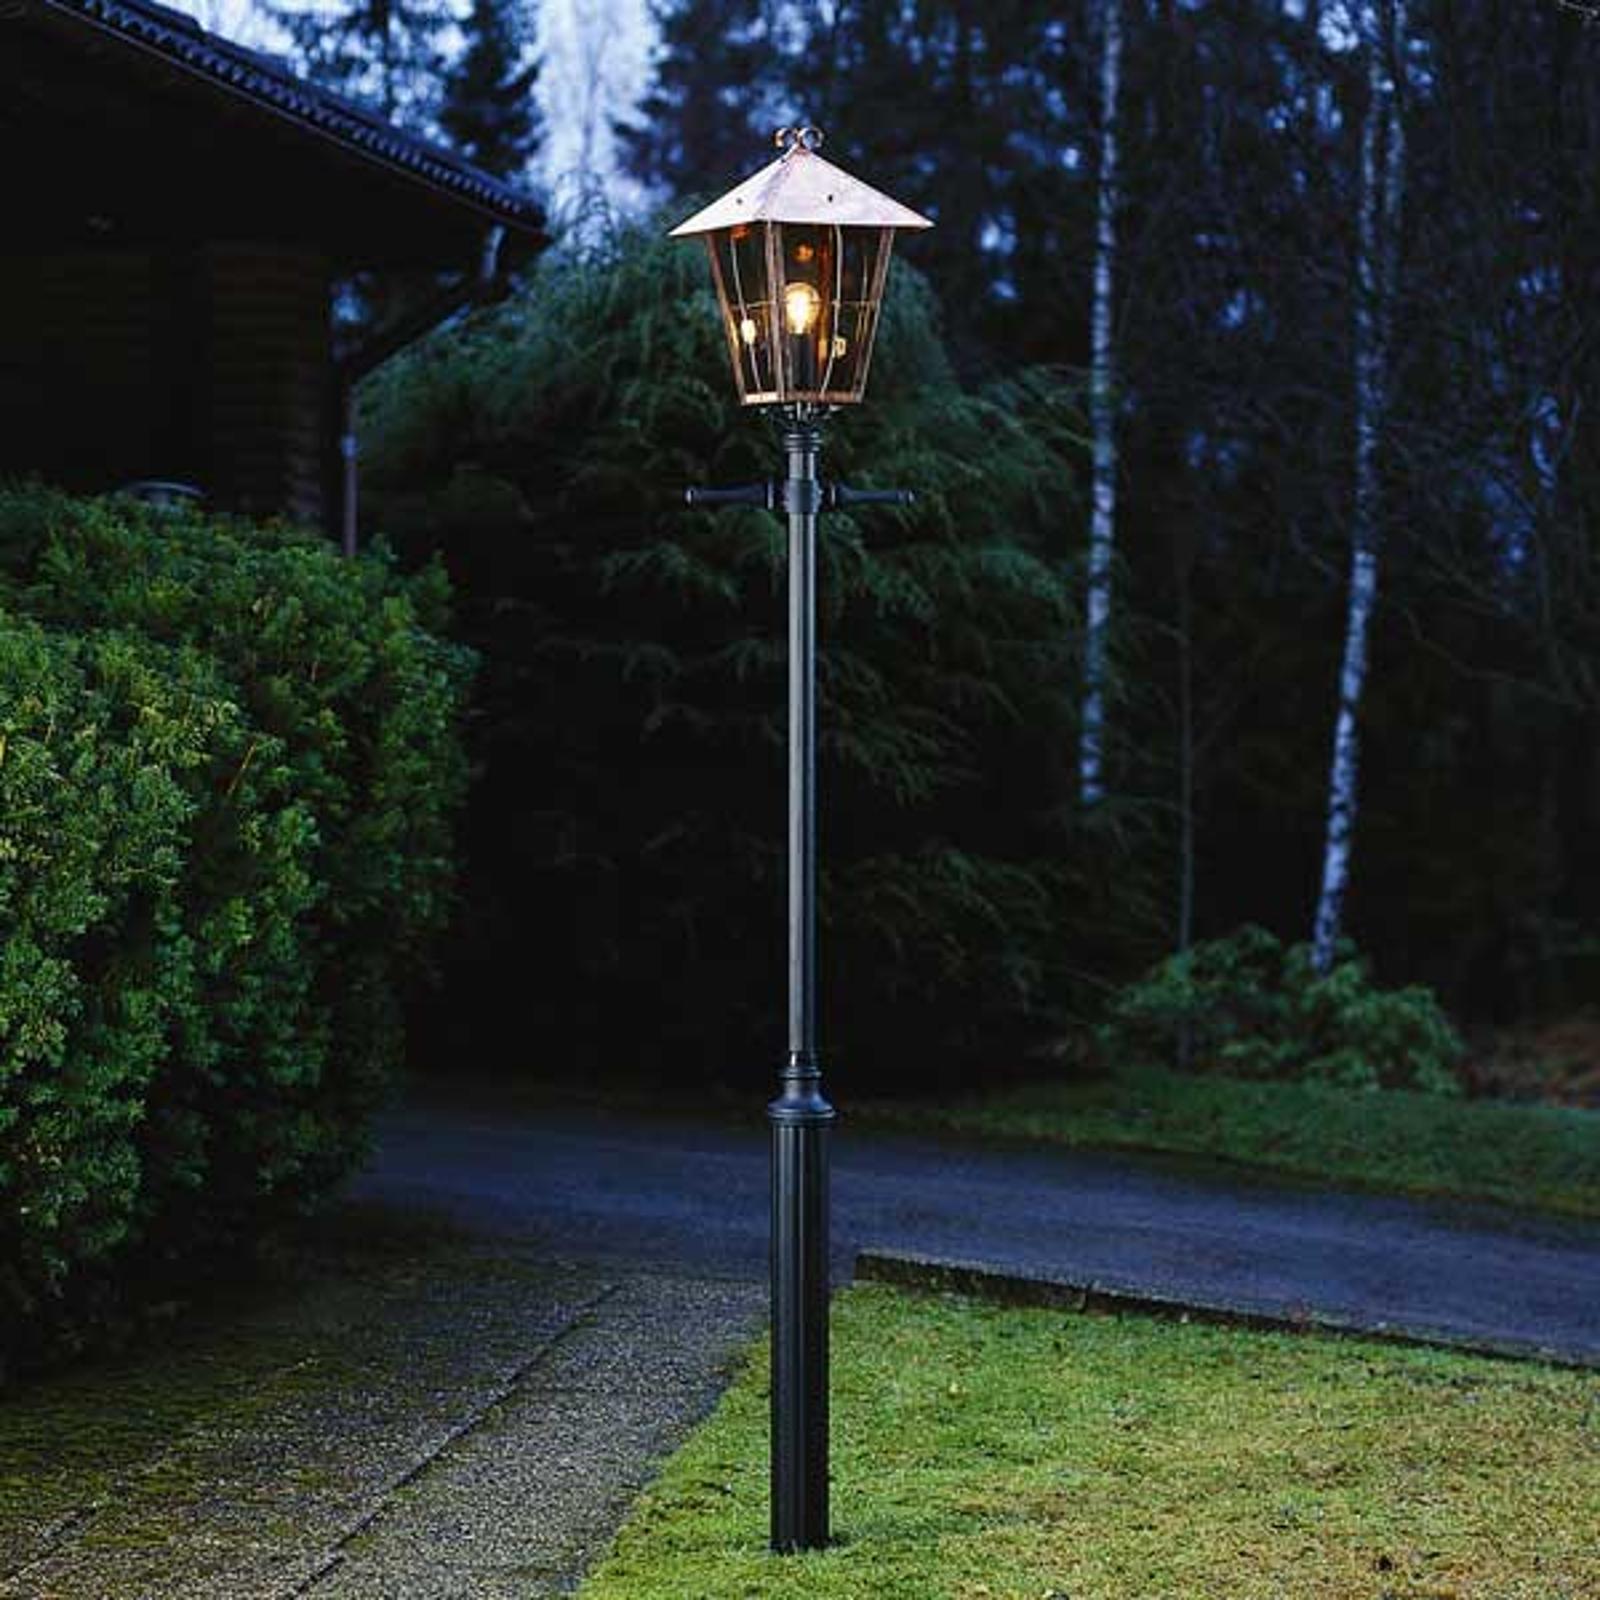 Duża latarnia ogrodowa Fenix w kolorze miedzi